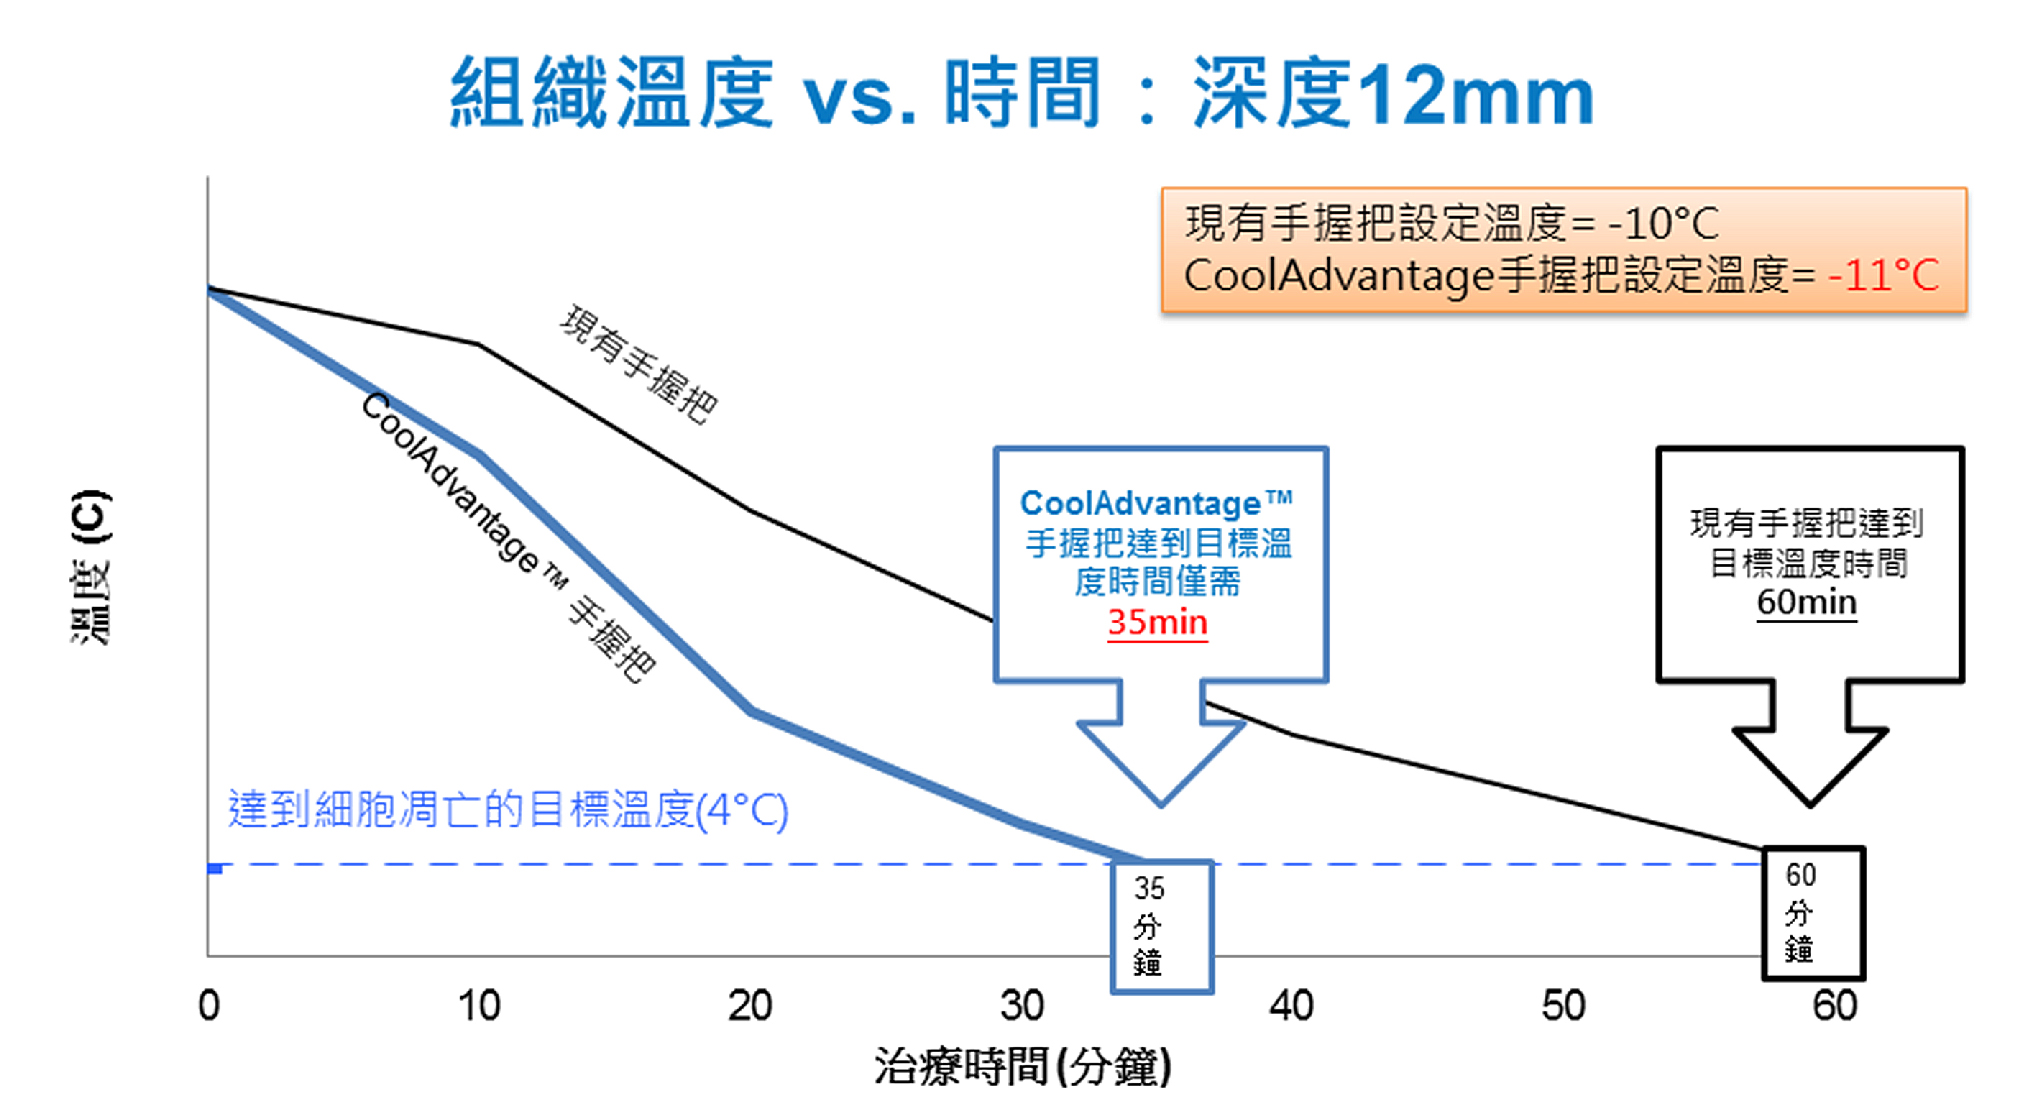 療程時間更短︰只需35分鐘︰革命性吸力手握把CoolAdvantage™之設計,將治療時間縮短為35分鐘,約為上一代手握把一半的療程時間,同時溫度由原本-10°C改變為-11°C,加強治療效果。